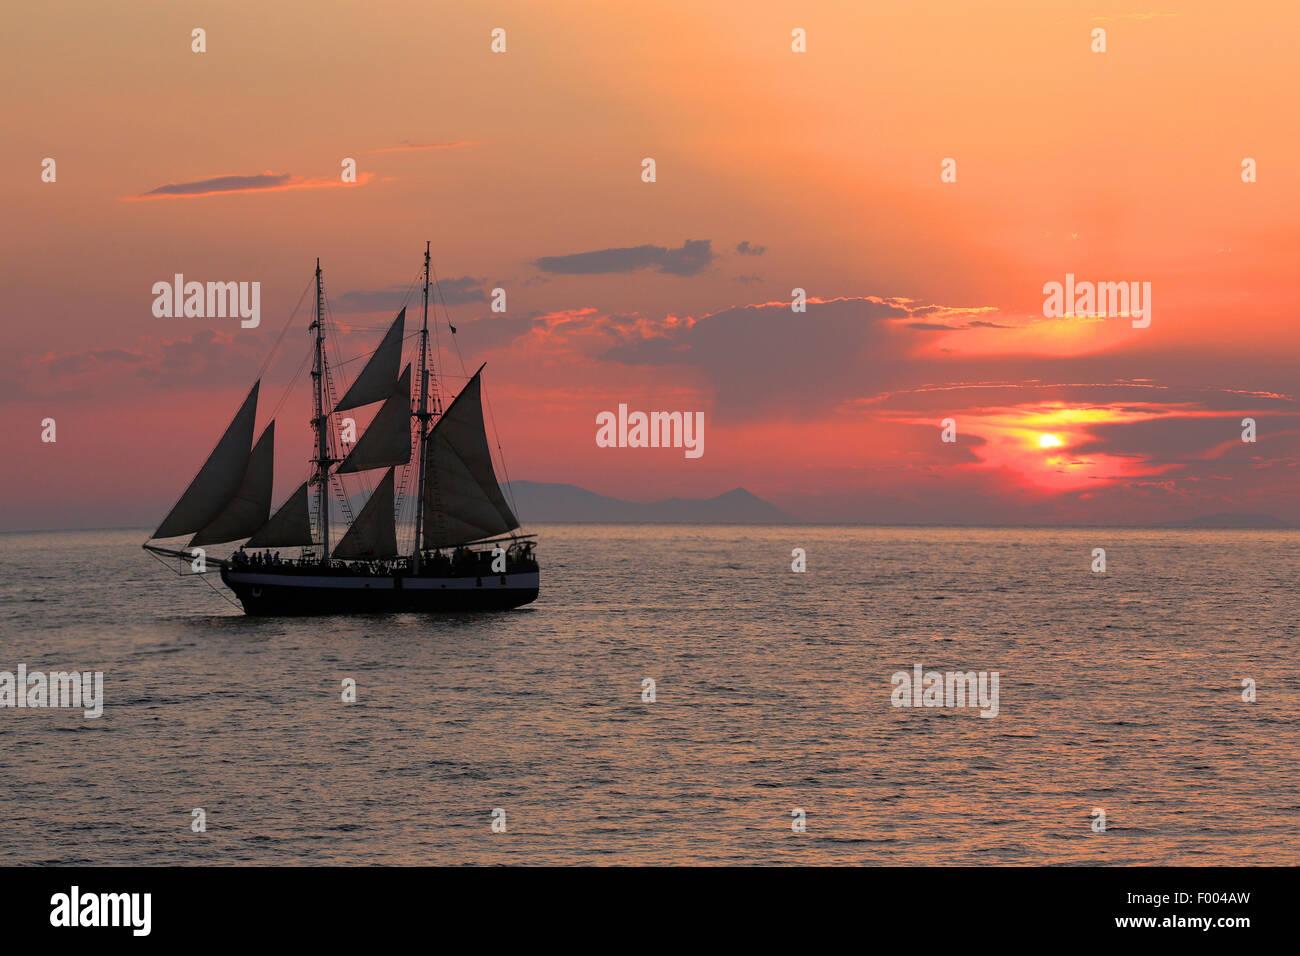 Velero al atardecer, Grecia, las Islas Cícladas, Santorin Imagen De Stock